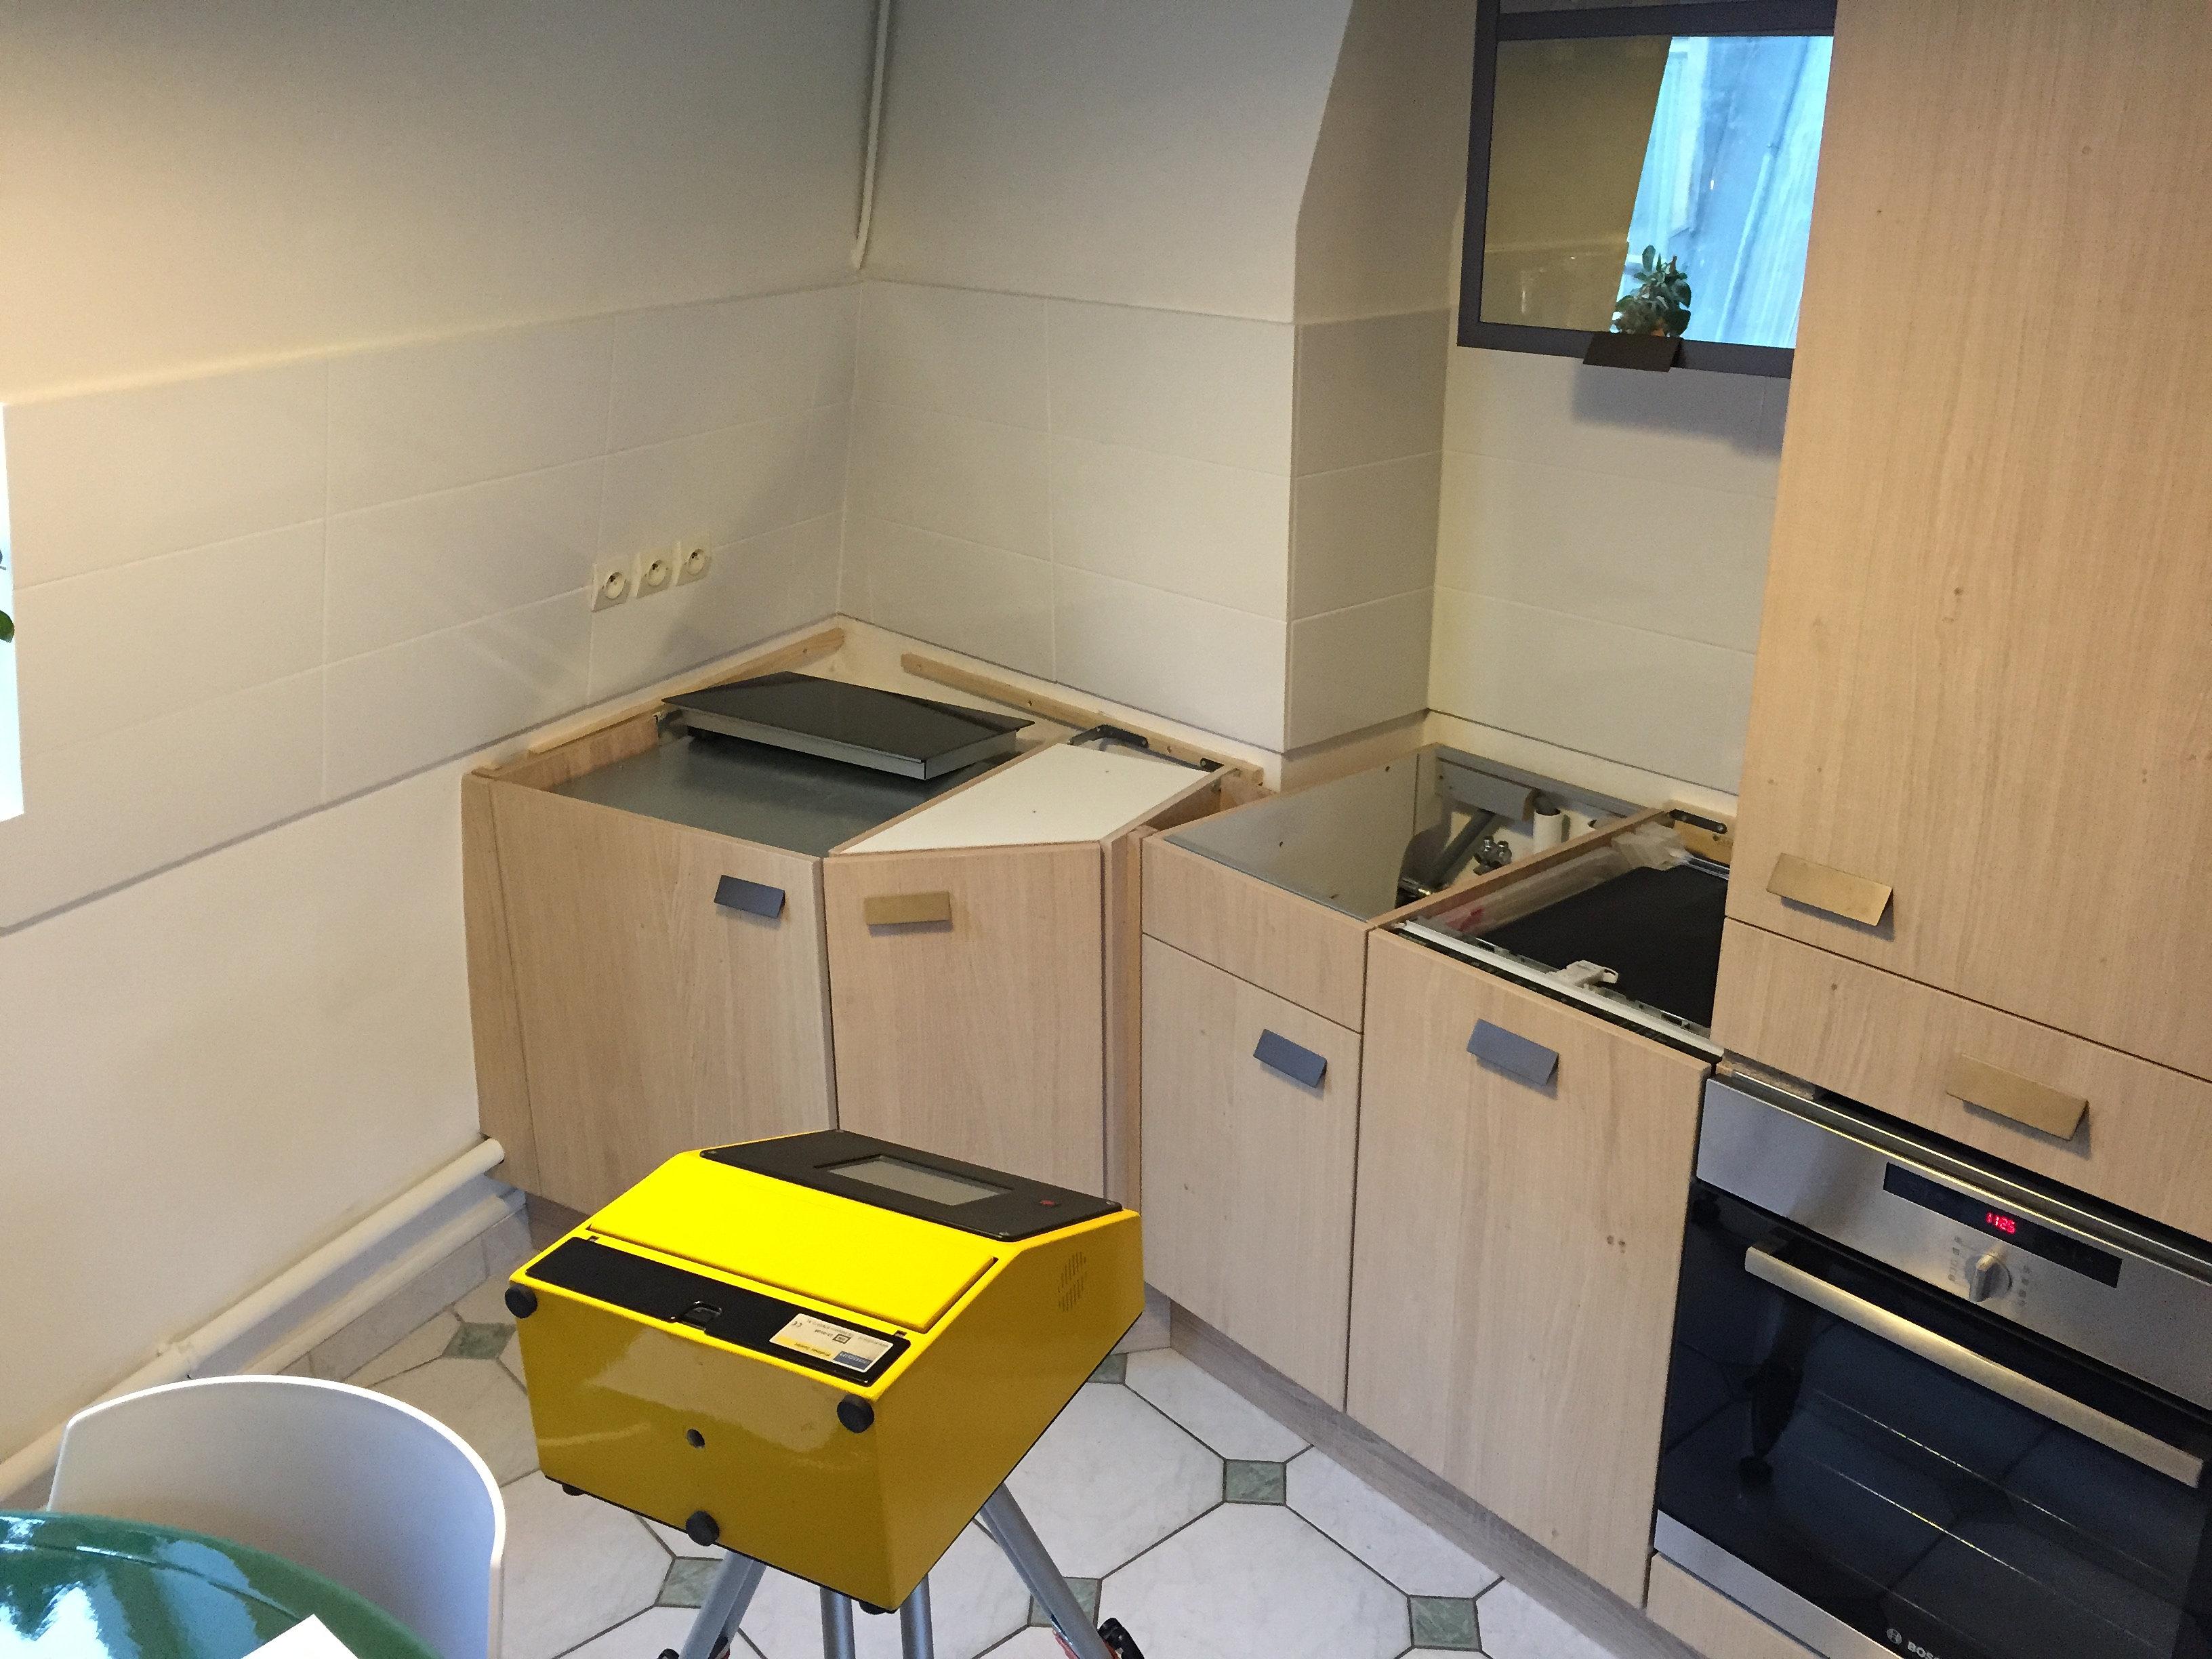 plan de travail granit quartz table en mabre paris essonne mesure plan de travail marbre. Black Bedroom Furniture Sets. Home Design Ideas